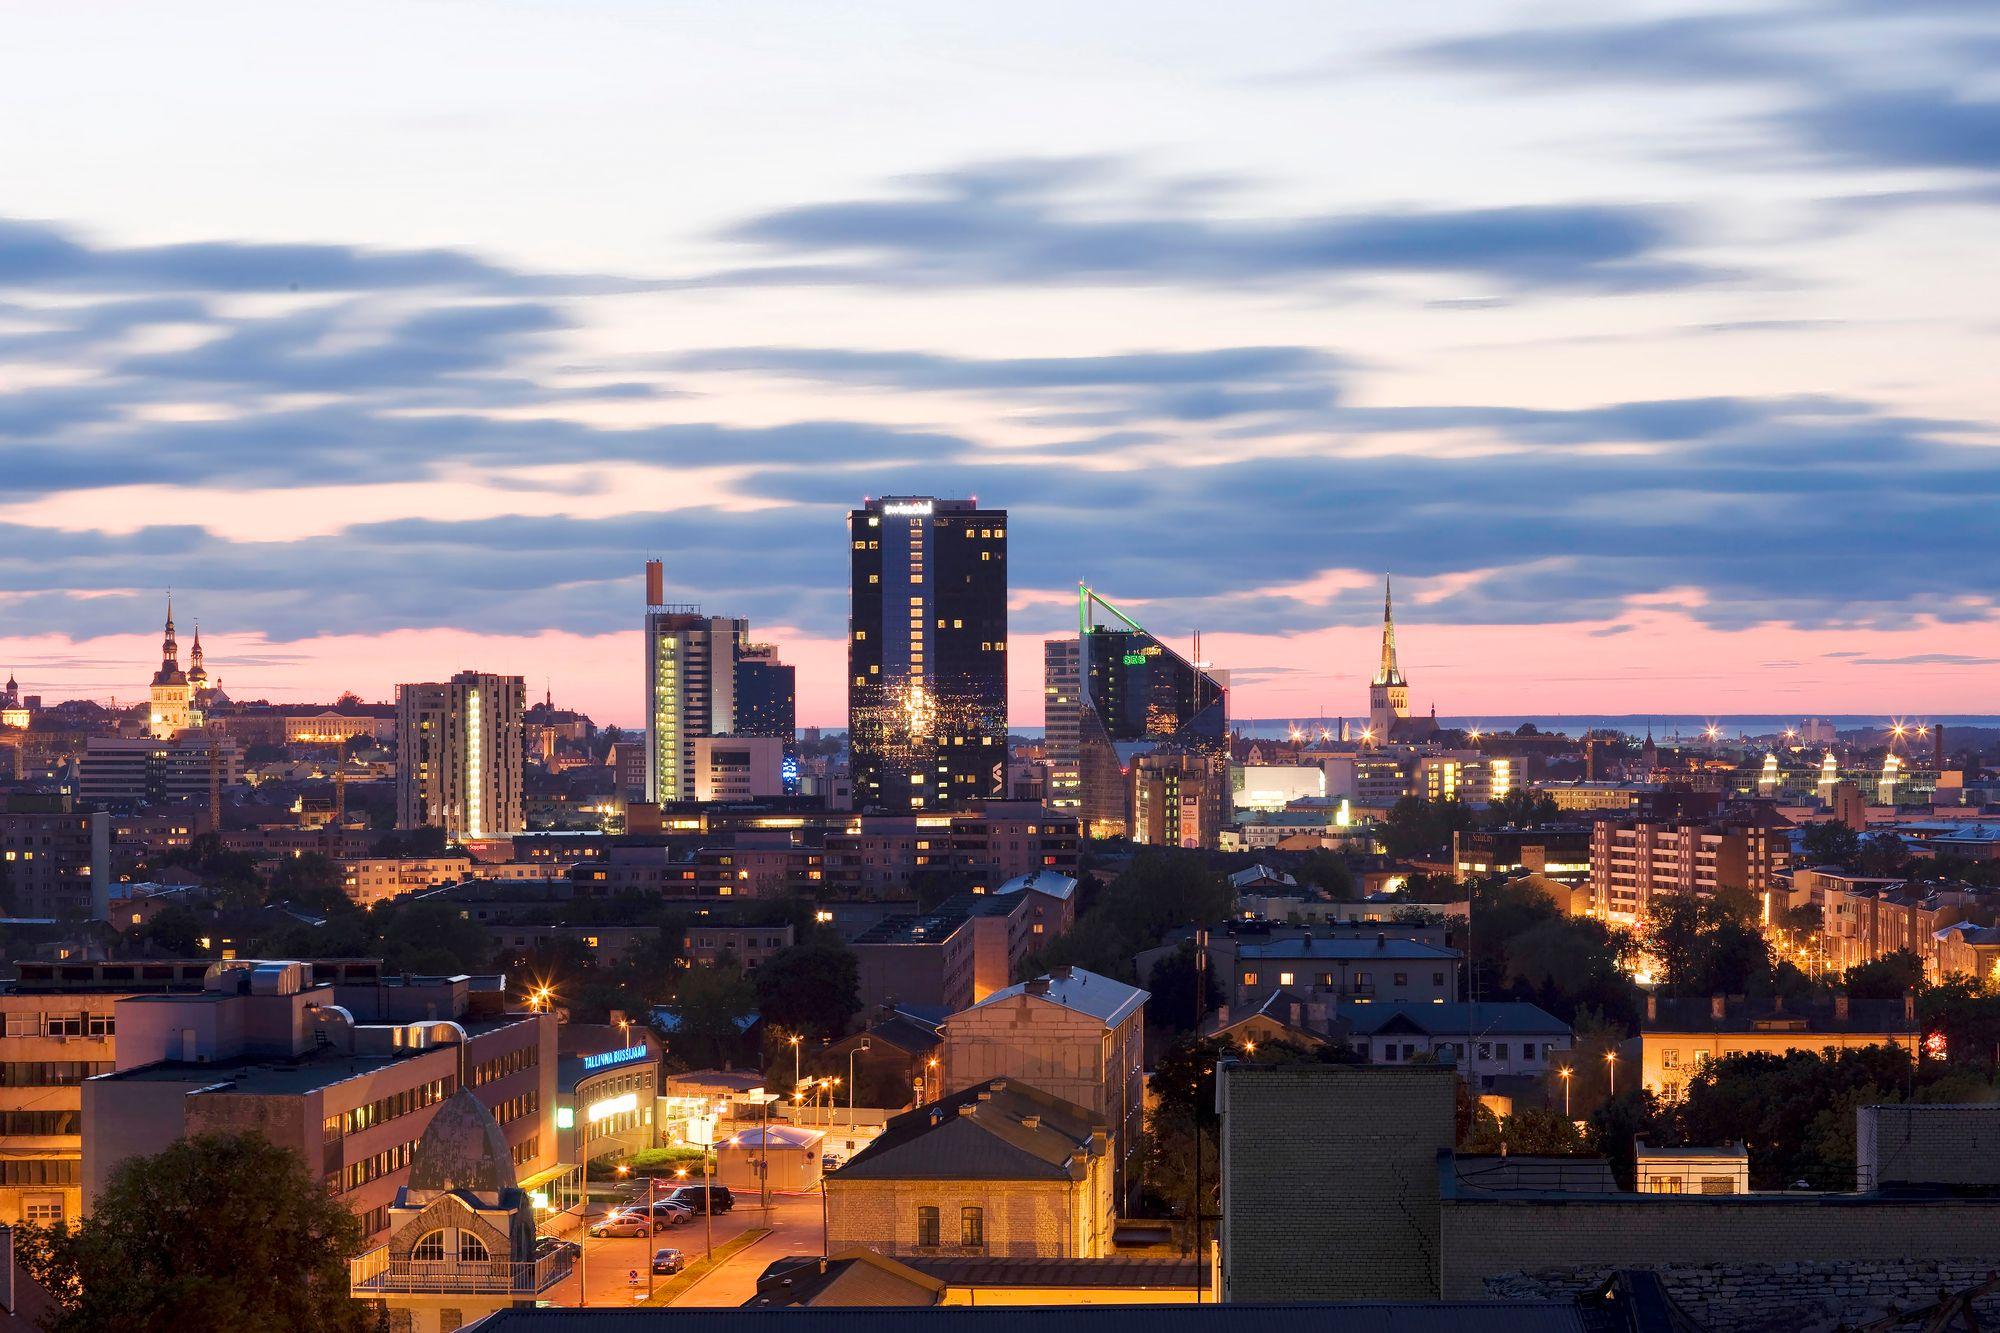 """Tallinnan kaupunkikuva muuttuu jatkuvasti, mutta ei niin hurjaan tahtiin kuin uuden itsenäisyyden alkuvuosina 1990-luvulla. Nyt ymmärretään paremmin myös entisöinnin ja restauroinnin arvo. <span class=""""typography__copyright"""">© Visit Estonia</span>"""